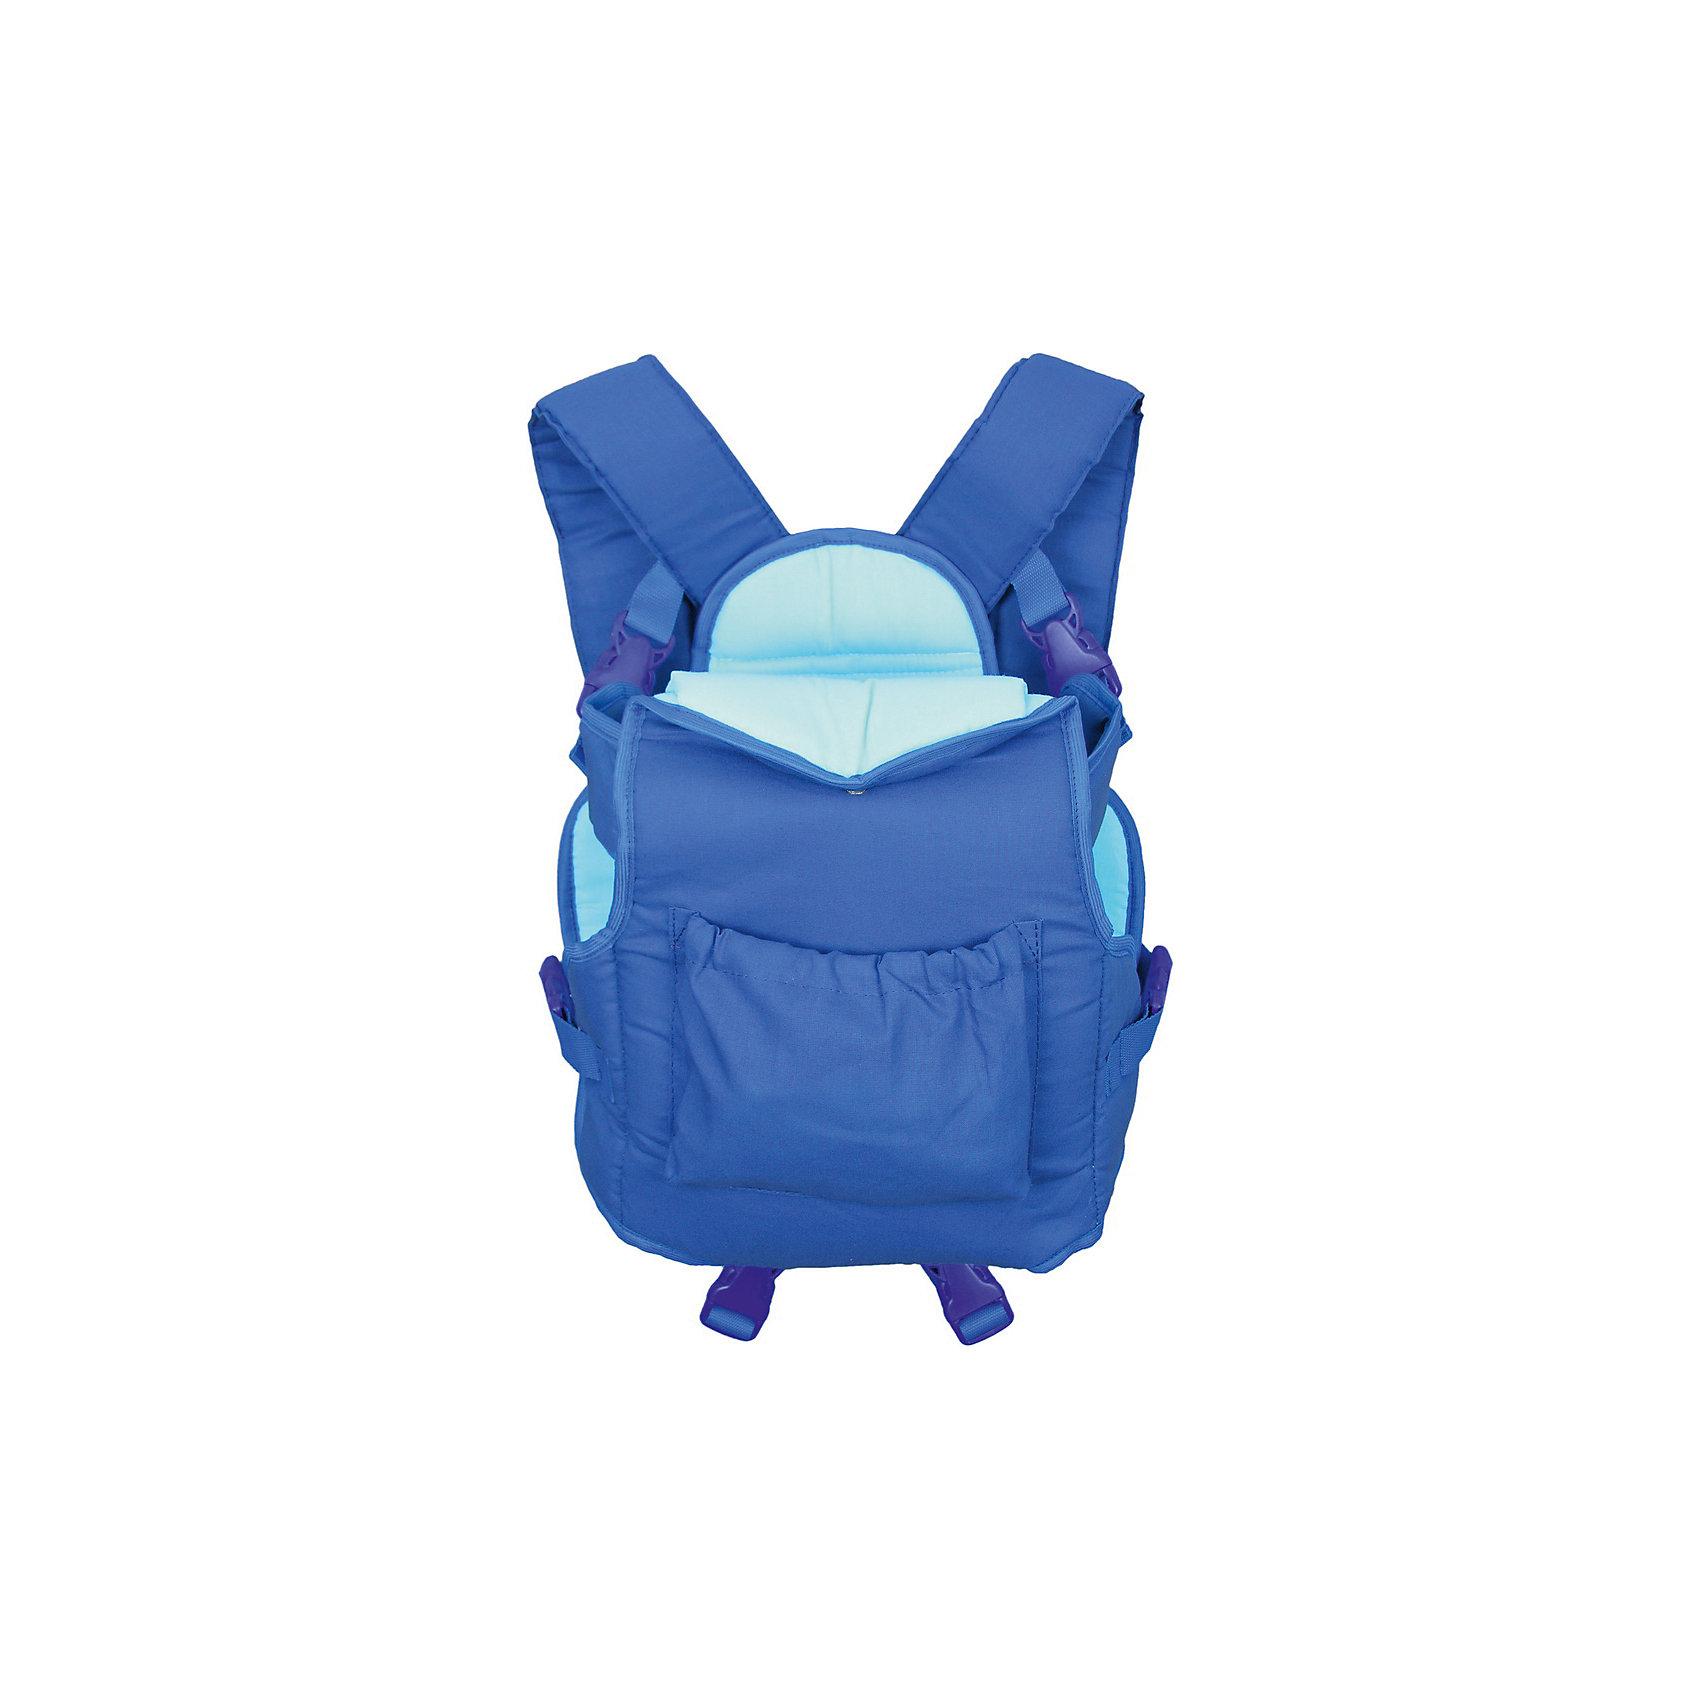 Рюкзак кенгуру Хлопок, Фея, синийСлинги и рюкзаки-переноски<br>Рюкзак с жесткой спинкой надежно зафиксирует малыша благодаря специальным ремням. Материал 100% хлопок<br><br>Ширина мм: 440<br>Глубина мм: 380<br>Высота мм: 400<br>Вес г: 550<br>Возраст от месяцев: 0<br>Возраст до месяцев: 48<br>Пол: Унисекс<br>Возраст: Детский<br>SKU: 5610161